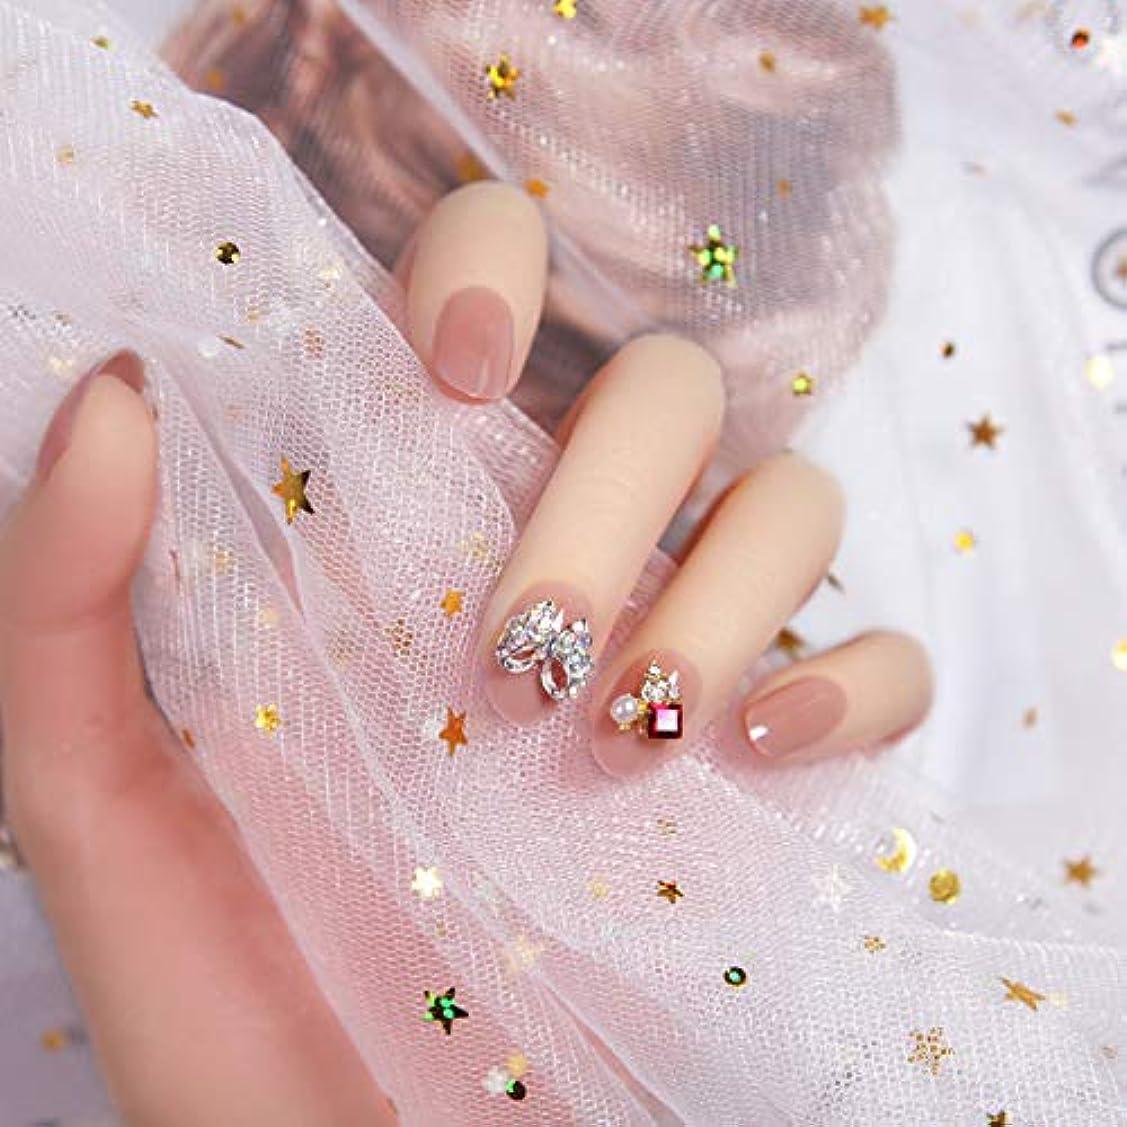 雄弁家オーブン招待ピンク 3D ネイルチップ 人造ダイヤモンド 24枚入 原宿 和風 夢幻 和装 手作りネイルチップ 結婚式ネイルチップ